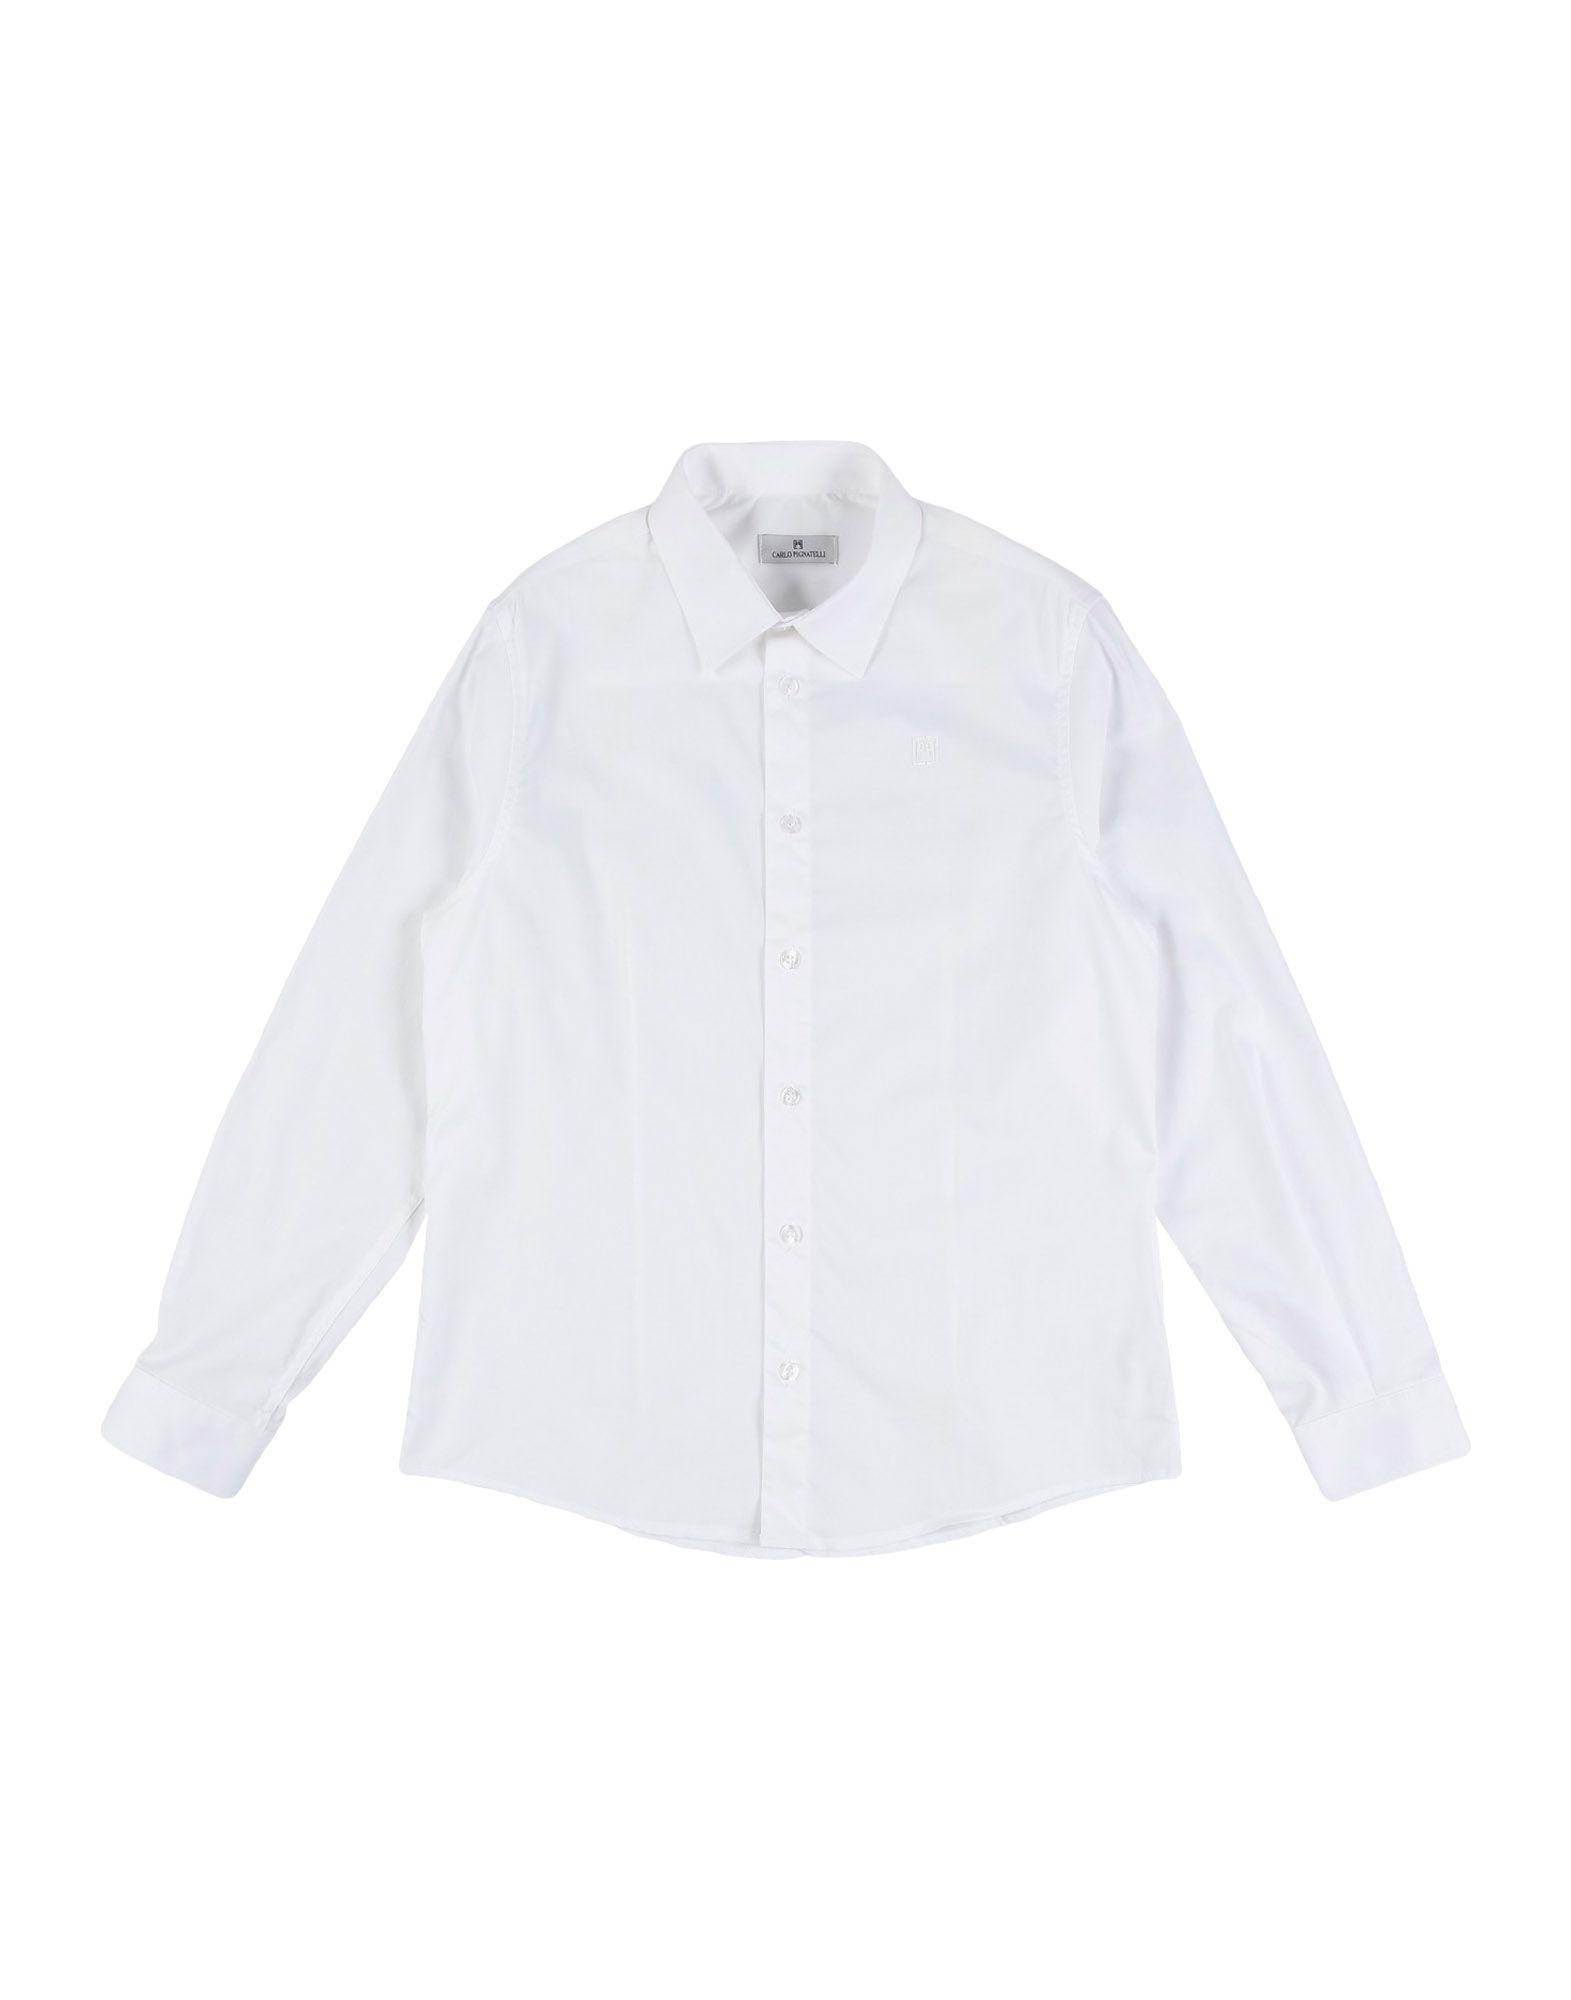 CARLO PIGNATELLI | CARLO PIGNATELLI Shirts | Goxip